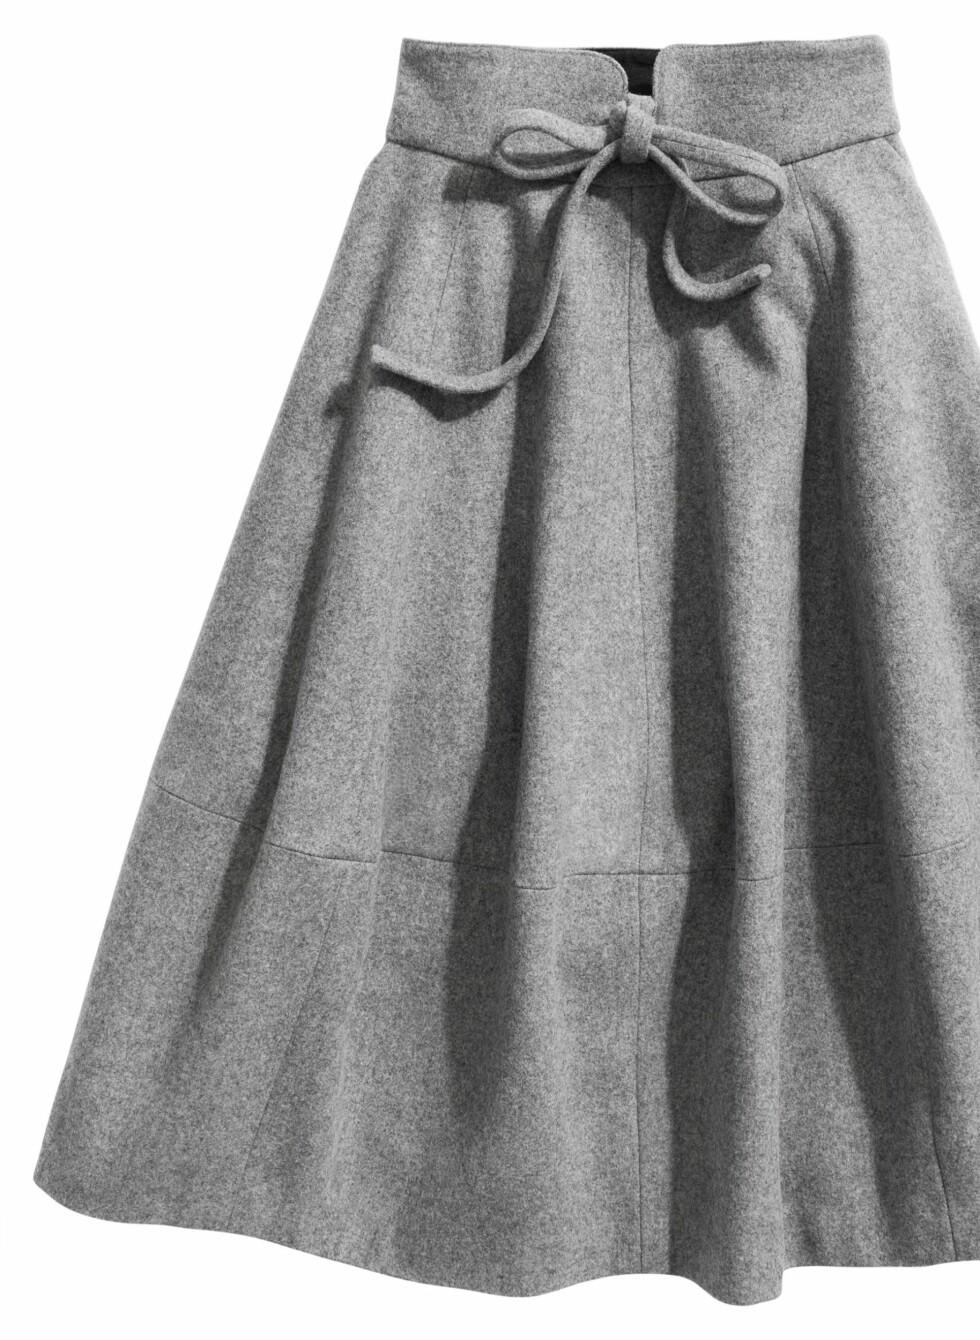 Mellomlangt skjørt med dekorativ knytting i livet, kr 499. Foto: Produsenten